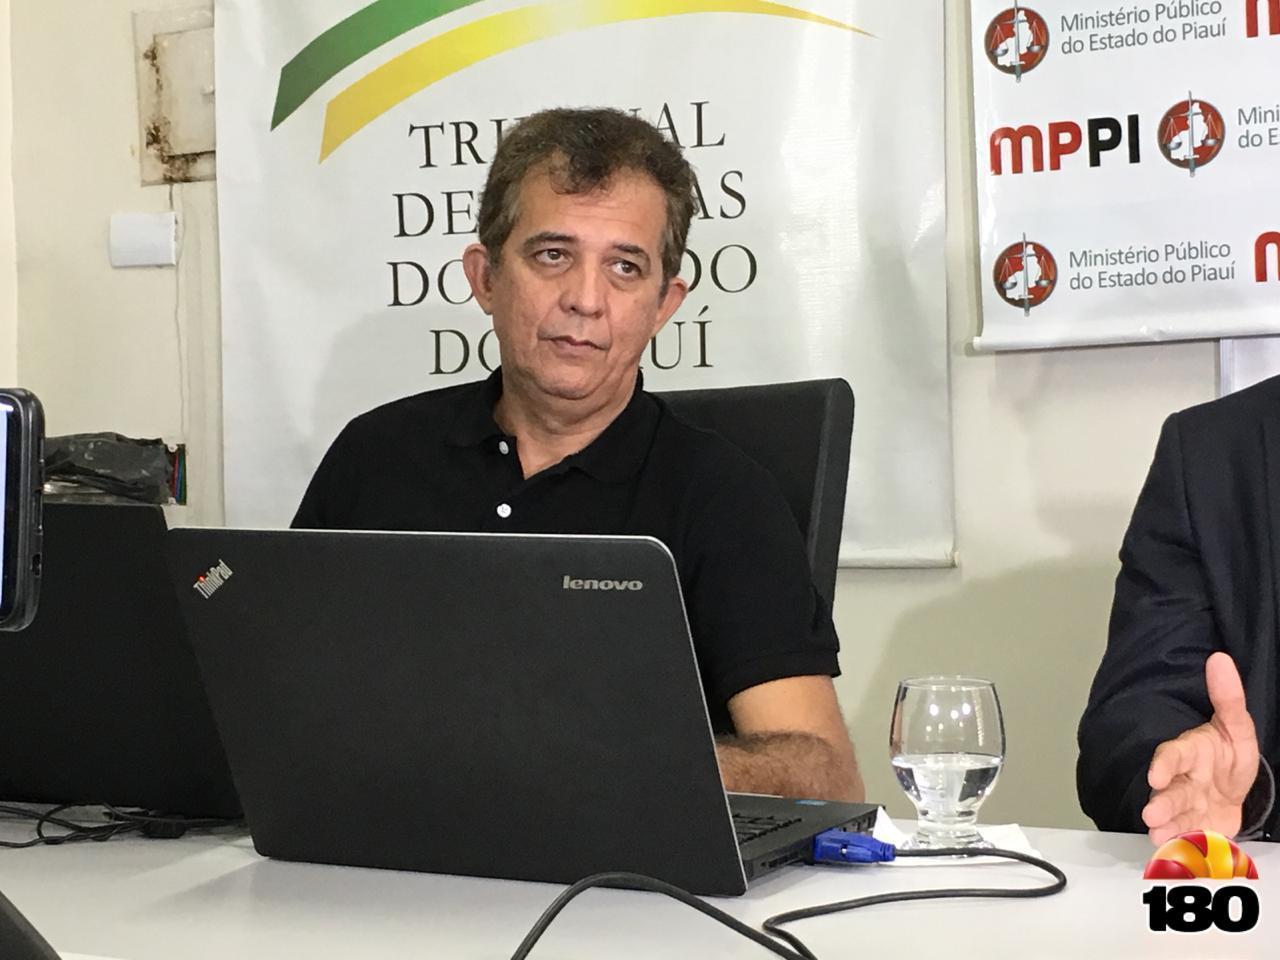 Inaldo Oliveira, auditor de controle externo do TCE